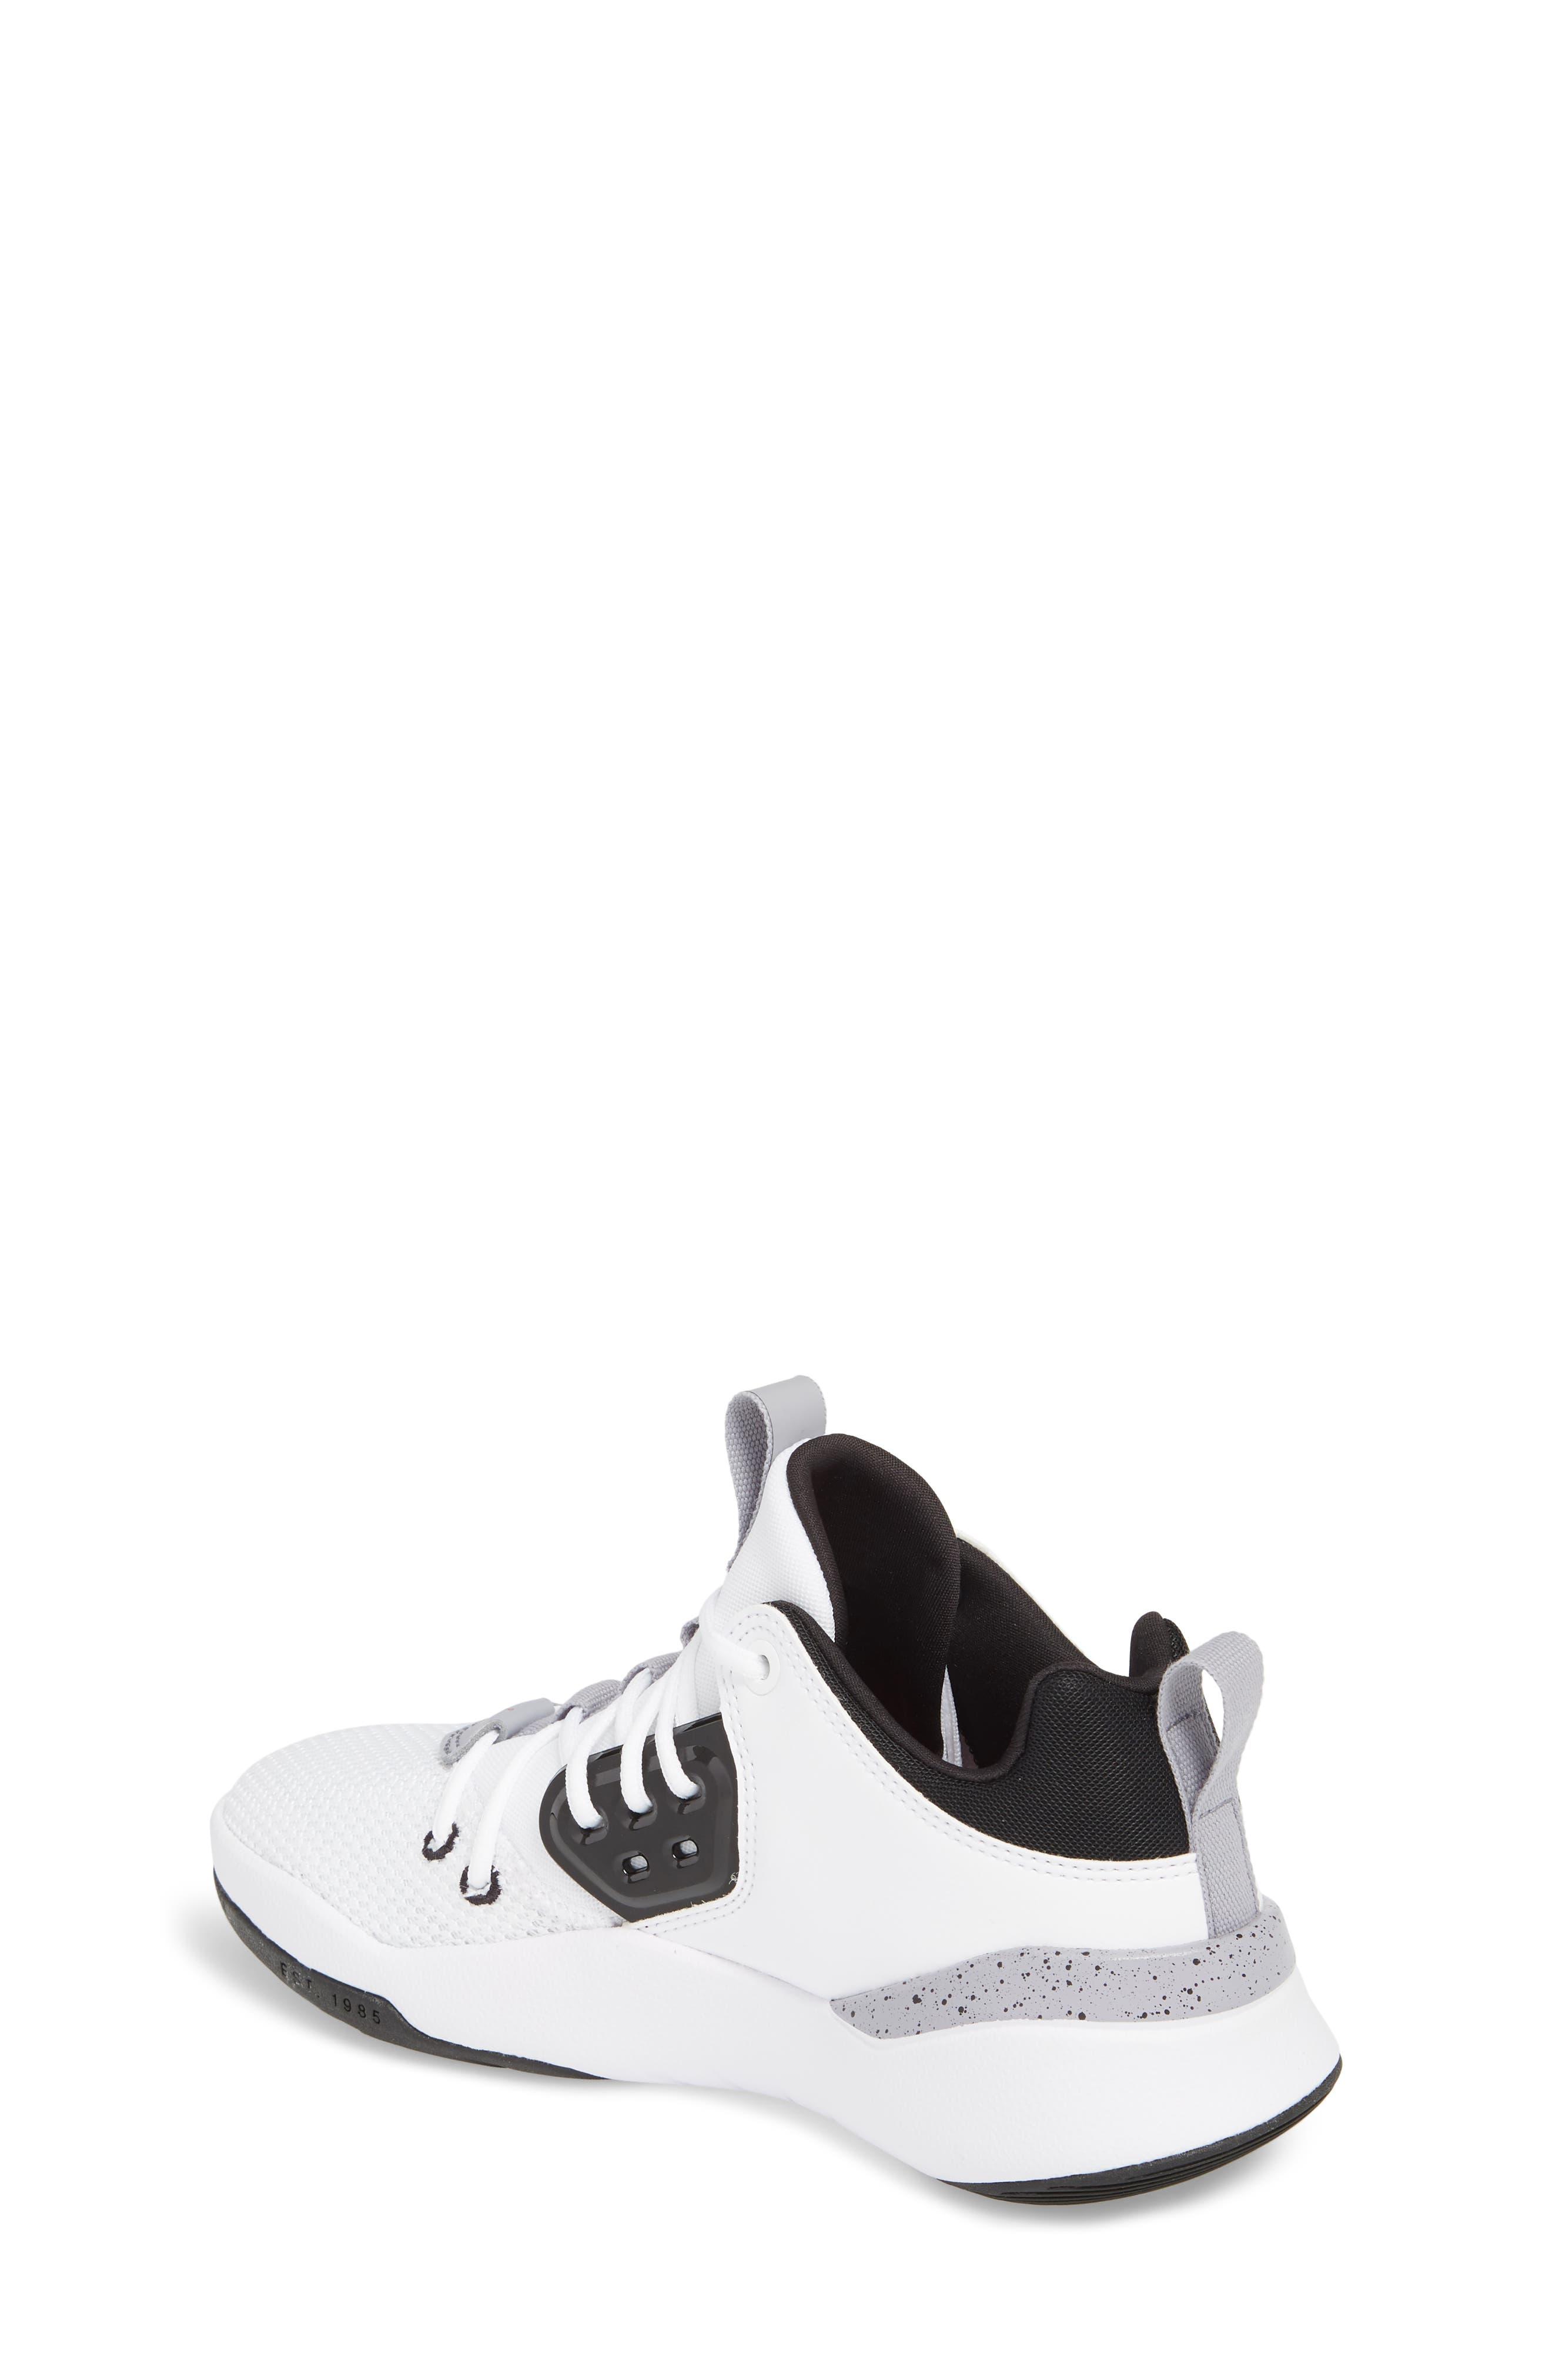 DNA Sneaker,                             Alternate thumbnail 2, color,                             103